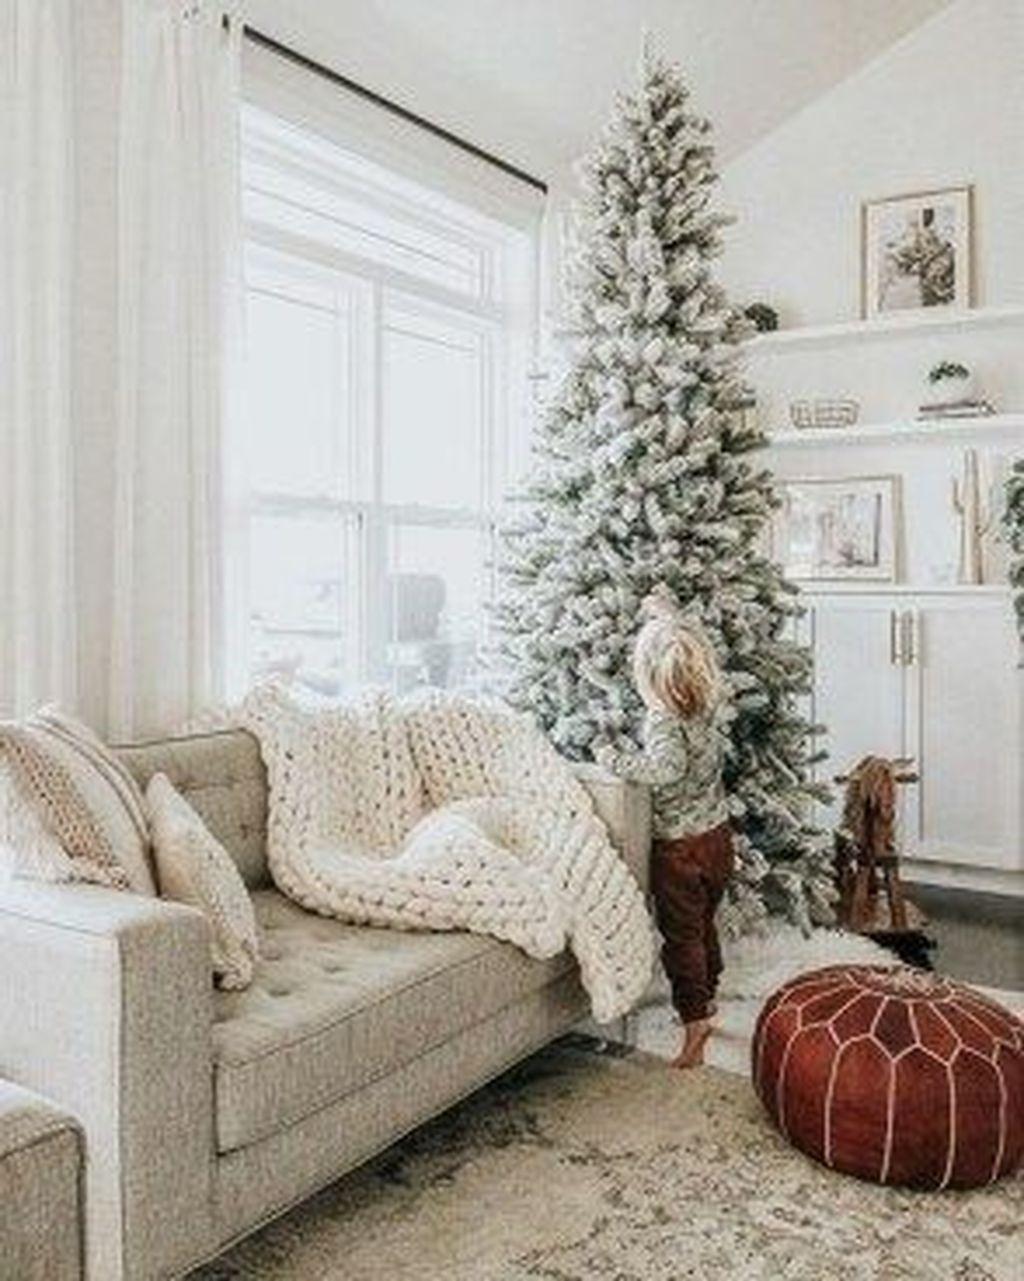 Fabulous Winter Home Decor Ideas You Should Copy Now 40